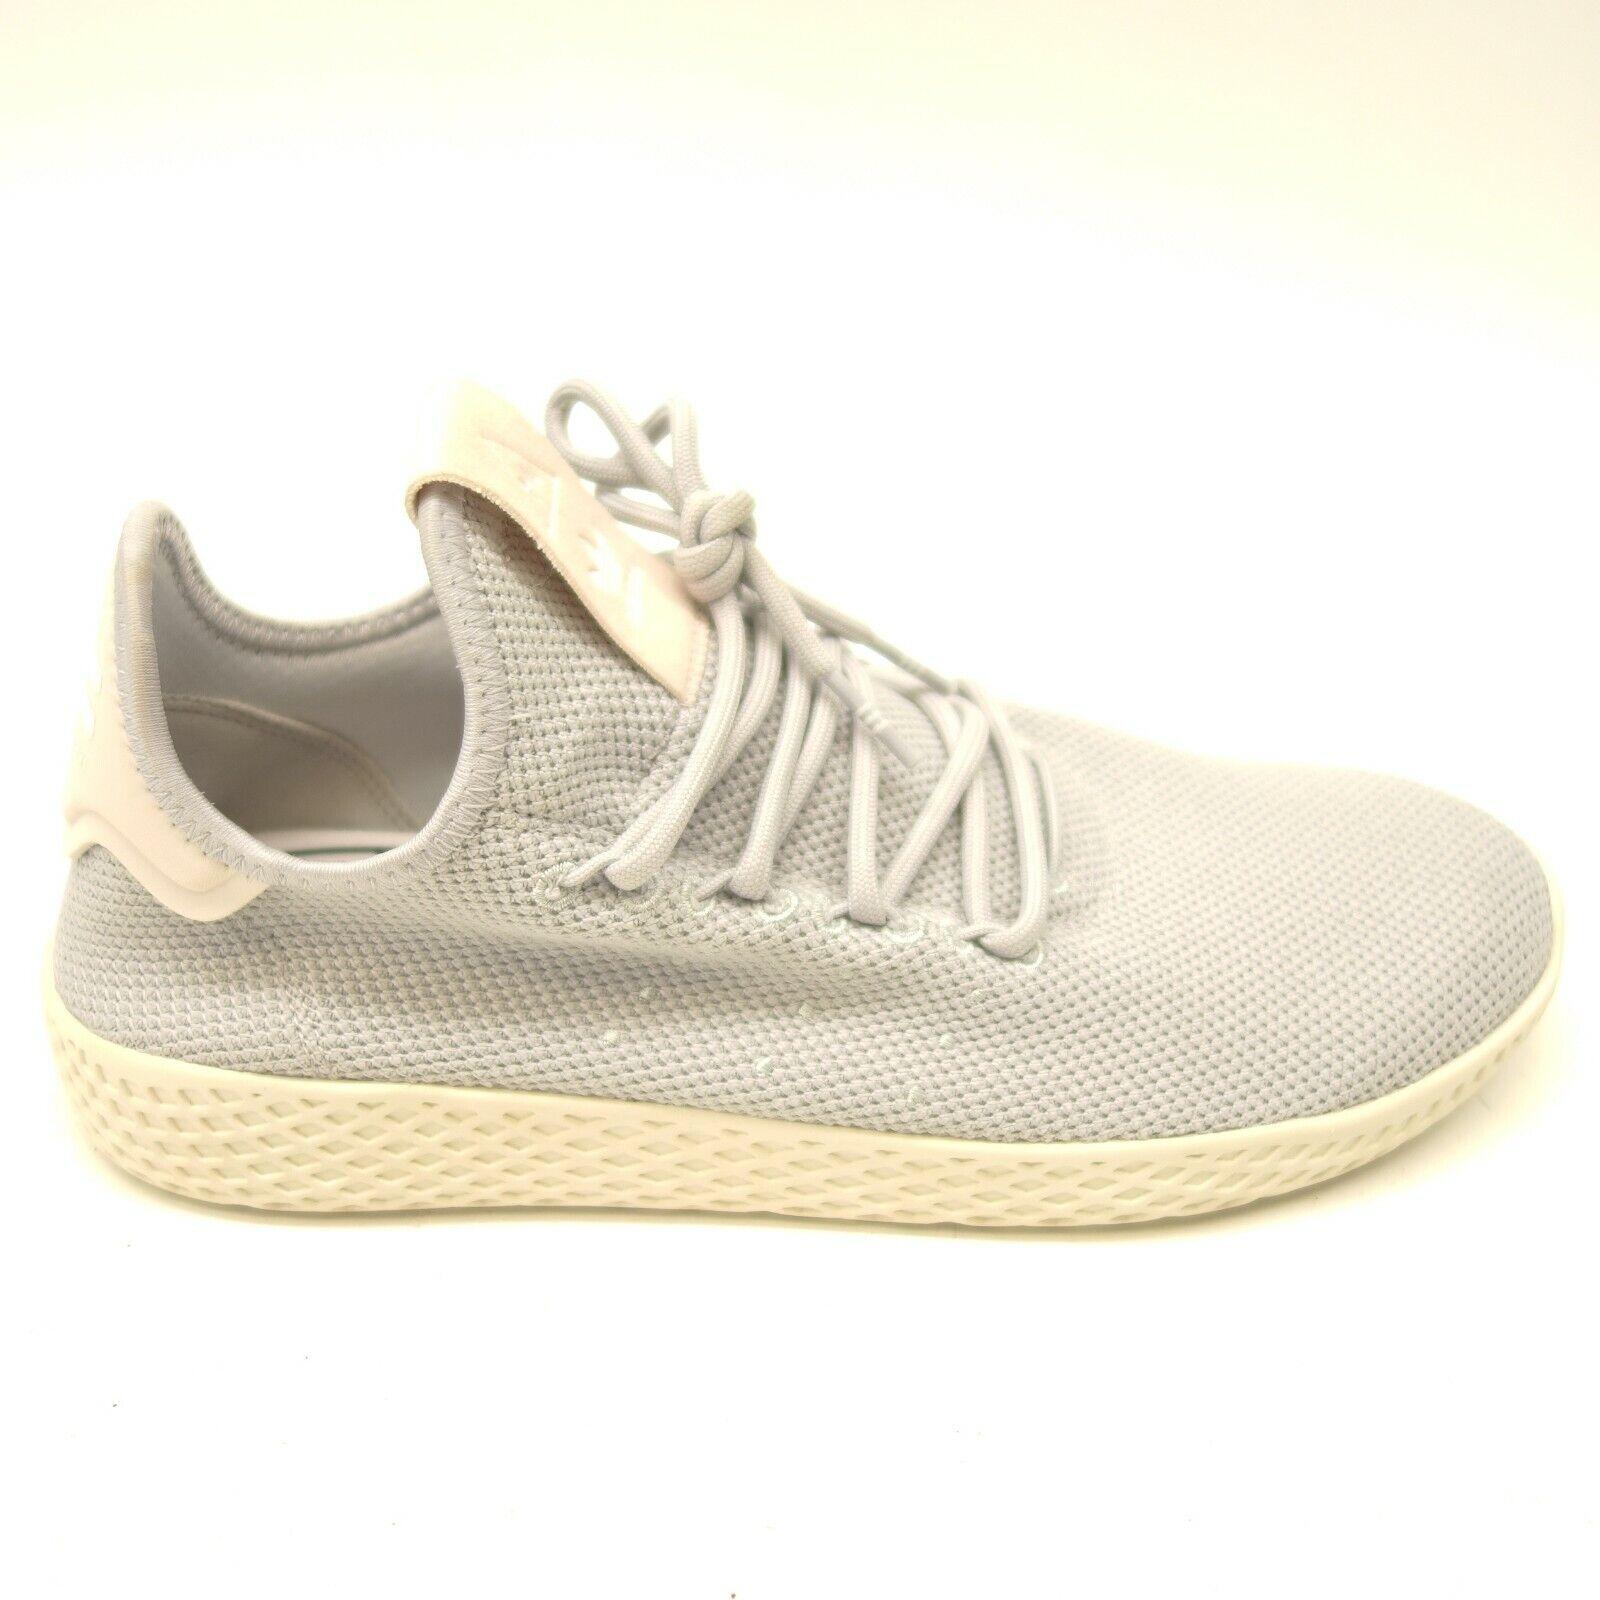 Adidas Pharrell Williams Taglie 8.5 Tennis Hu Brillante grey Bianco